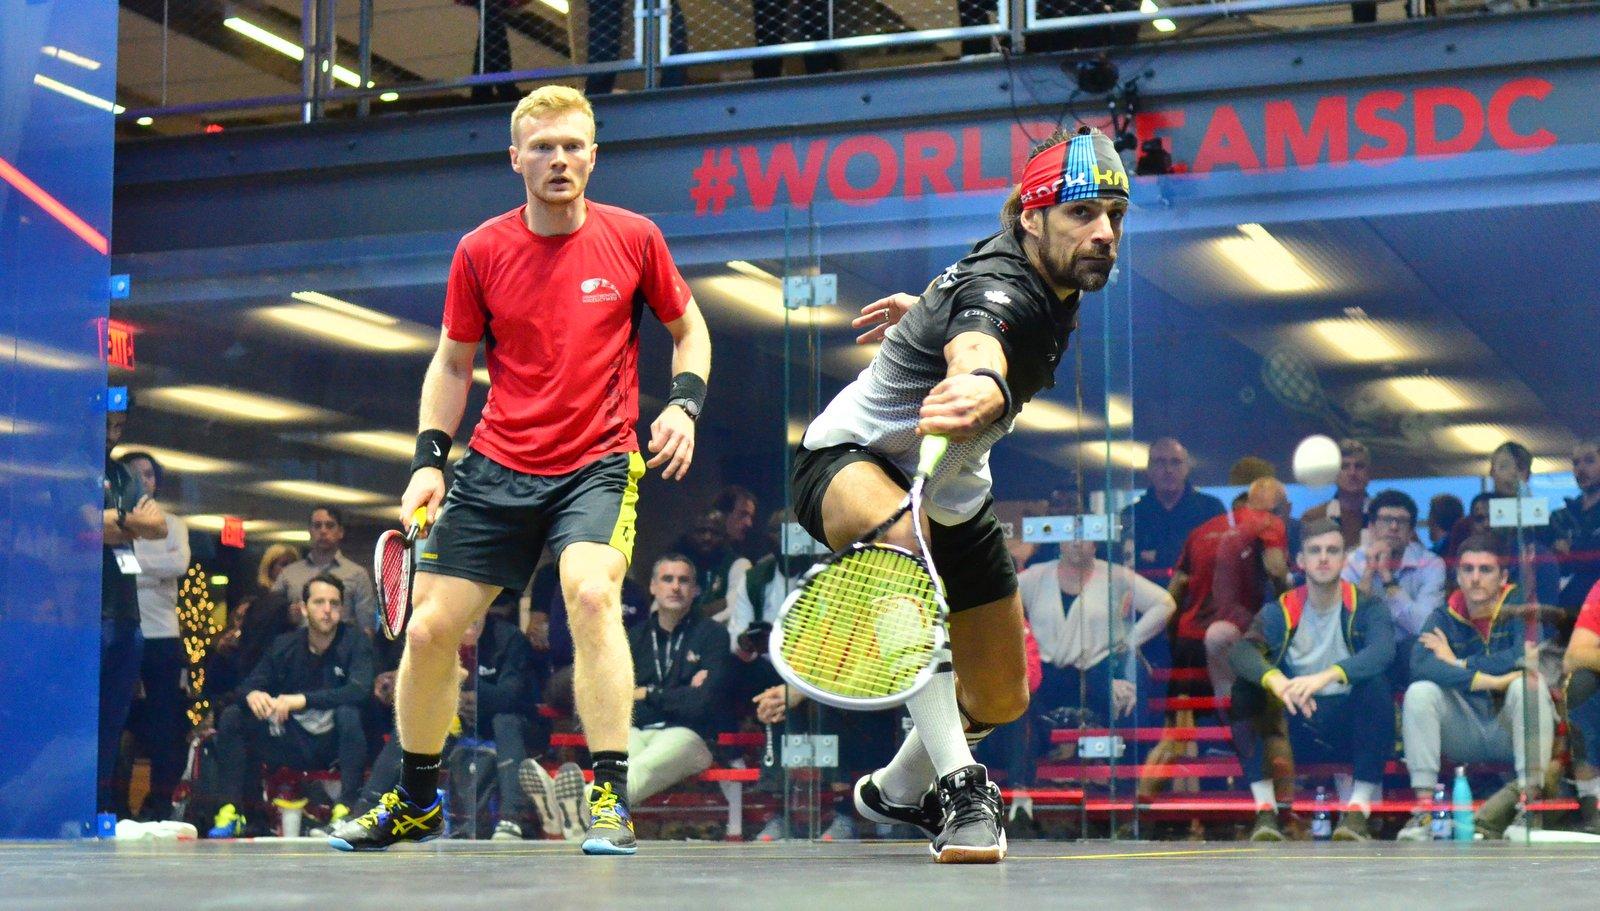 Joel Makin, Wales v Shawn Delierre, Canada